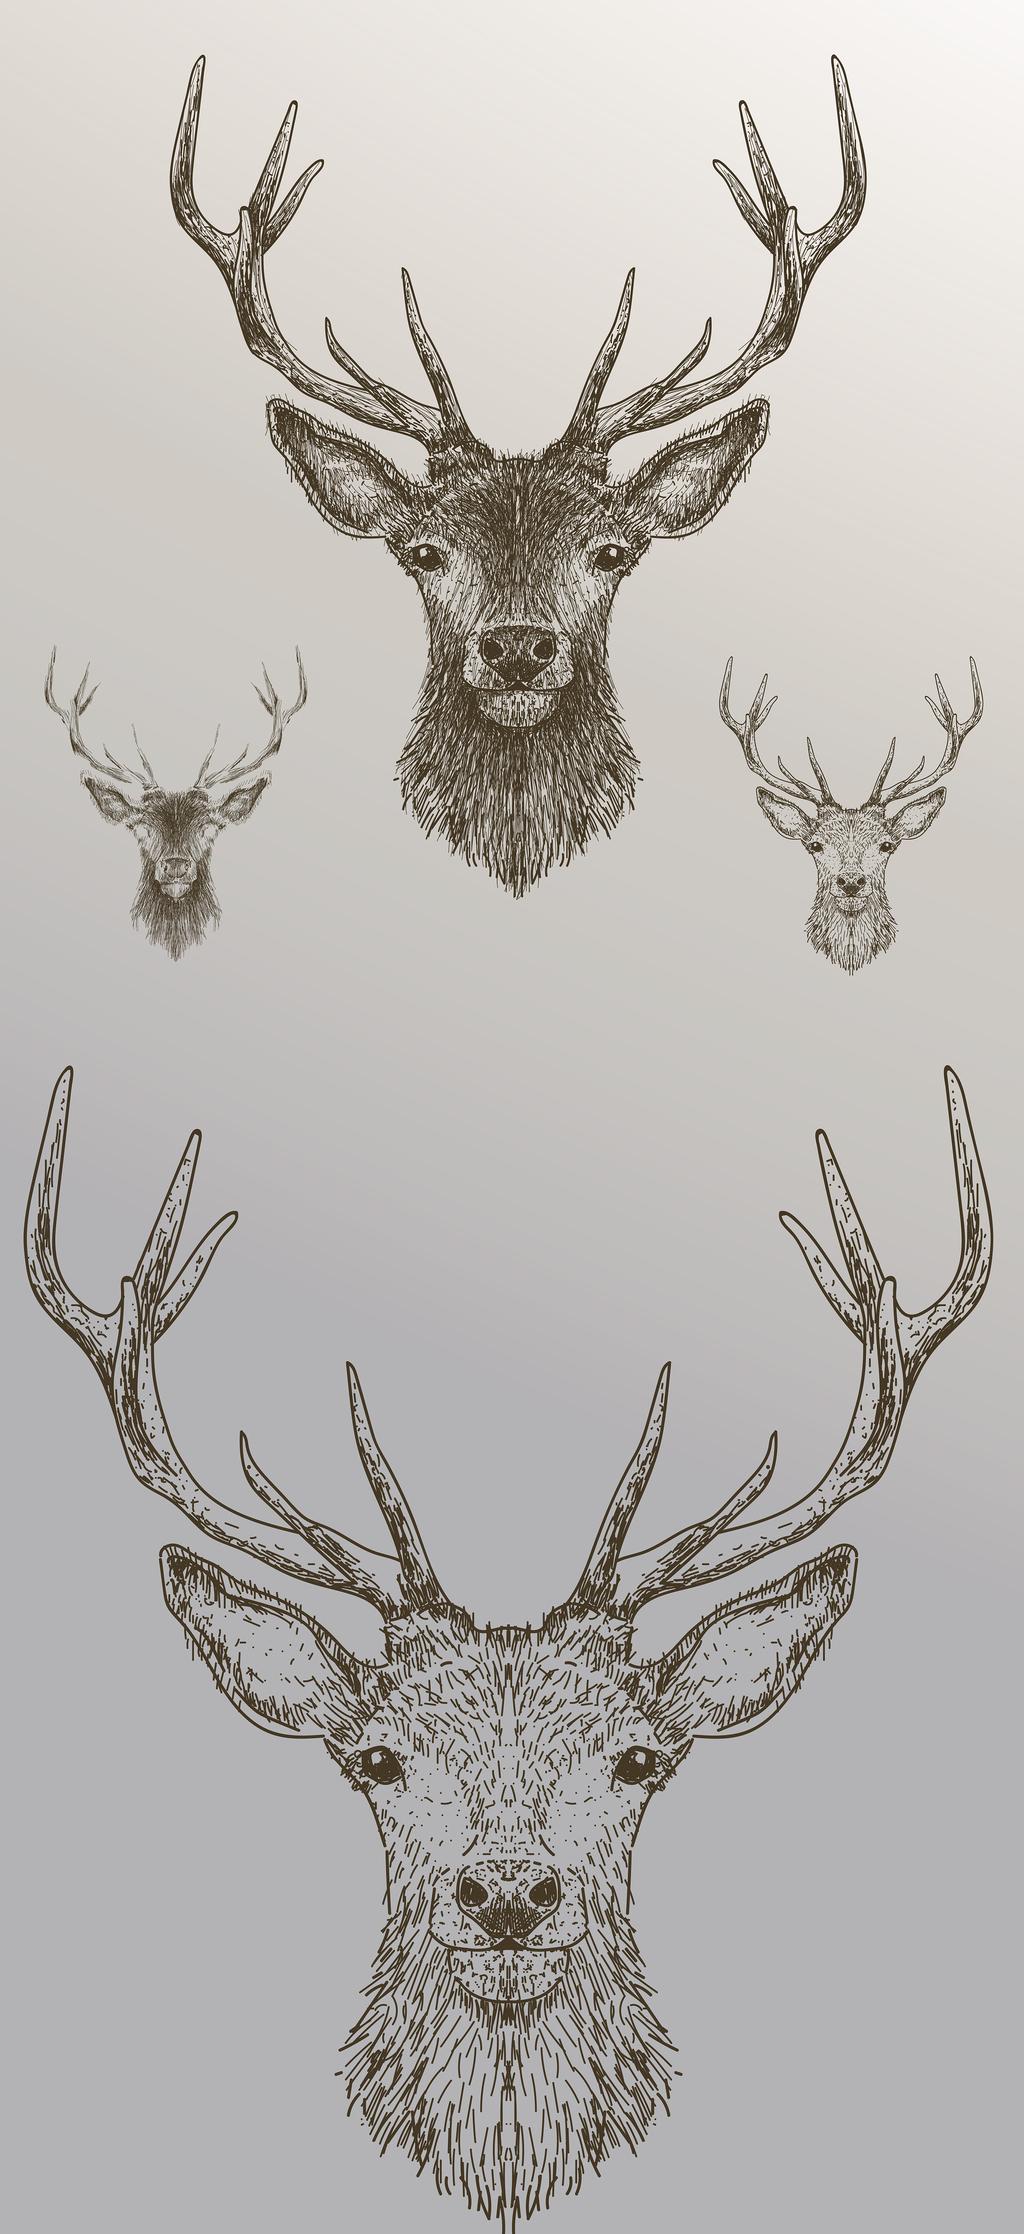 鹿手绘铅笔画设计元素                                    麋鹿